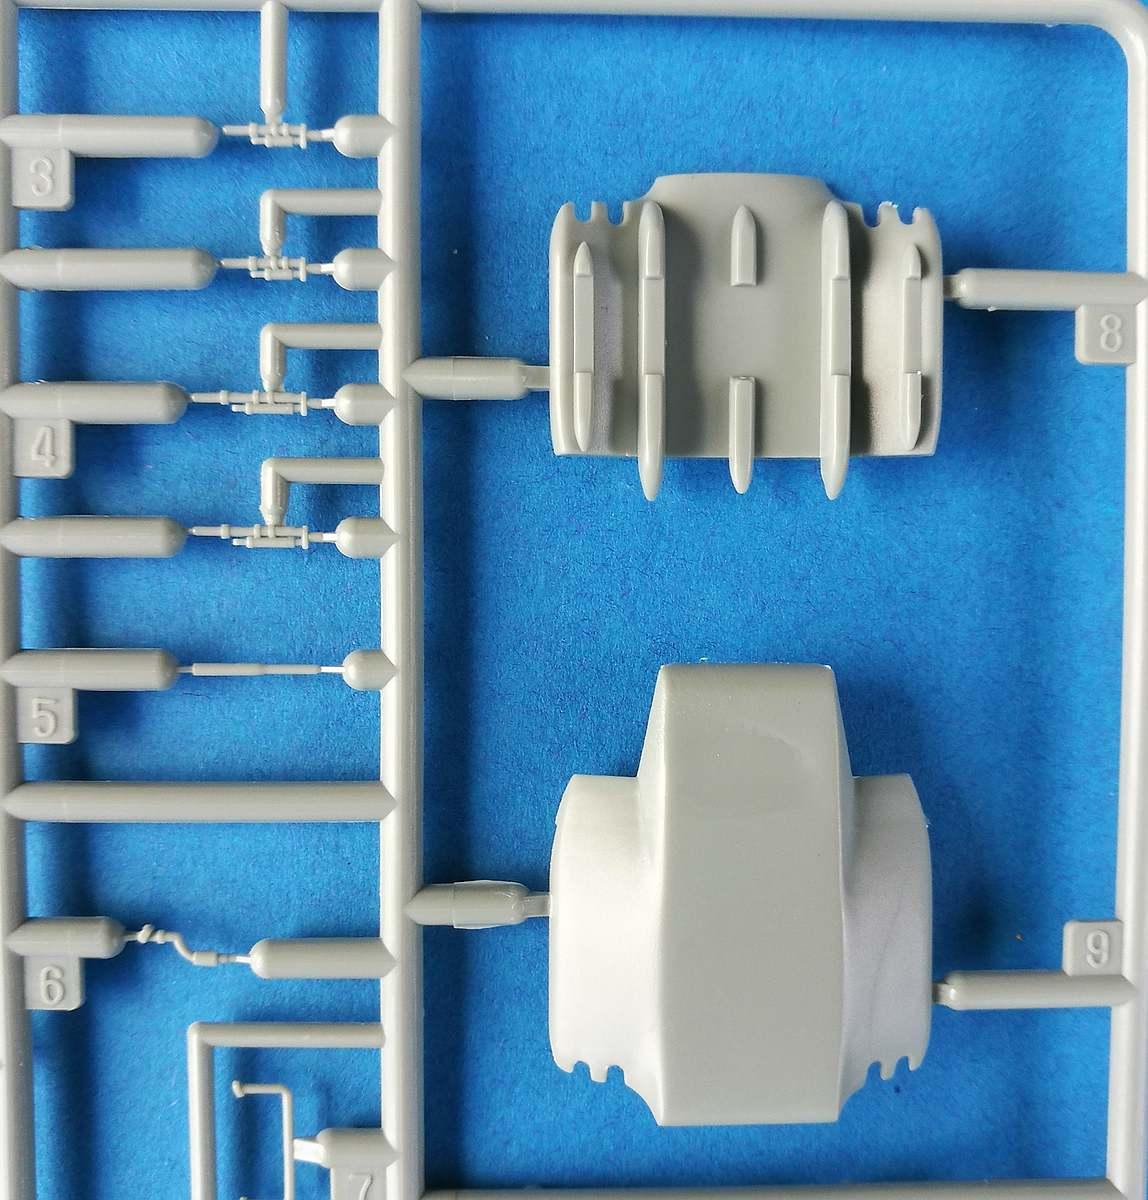 Revell-03909-OV-10A-Bronco-48 OV-10A Bronco im Maßstab 1:72 von Revell 03909